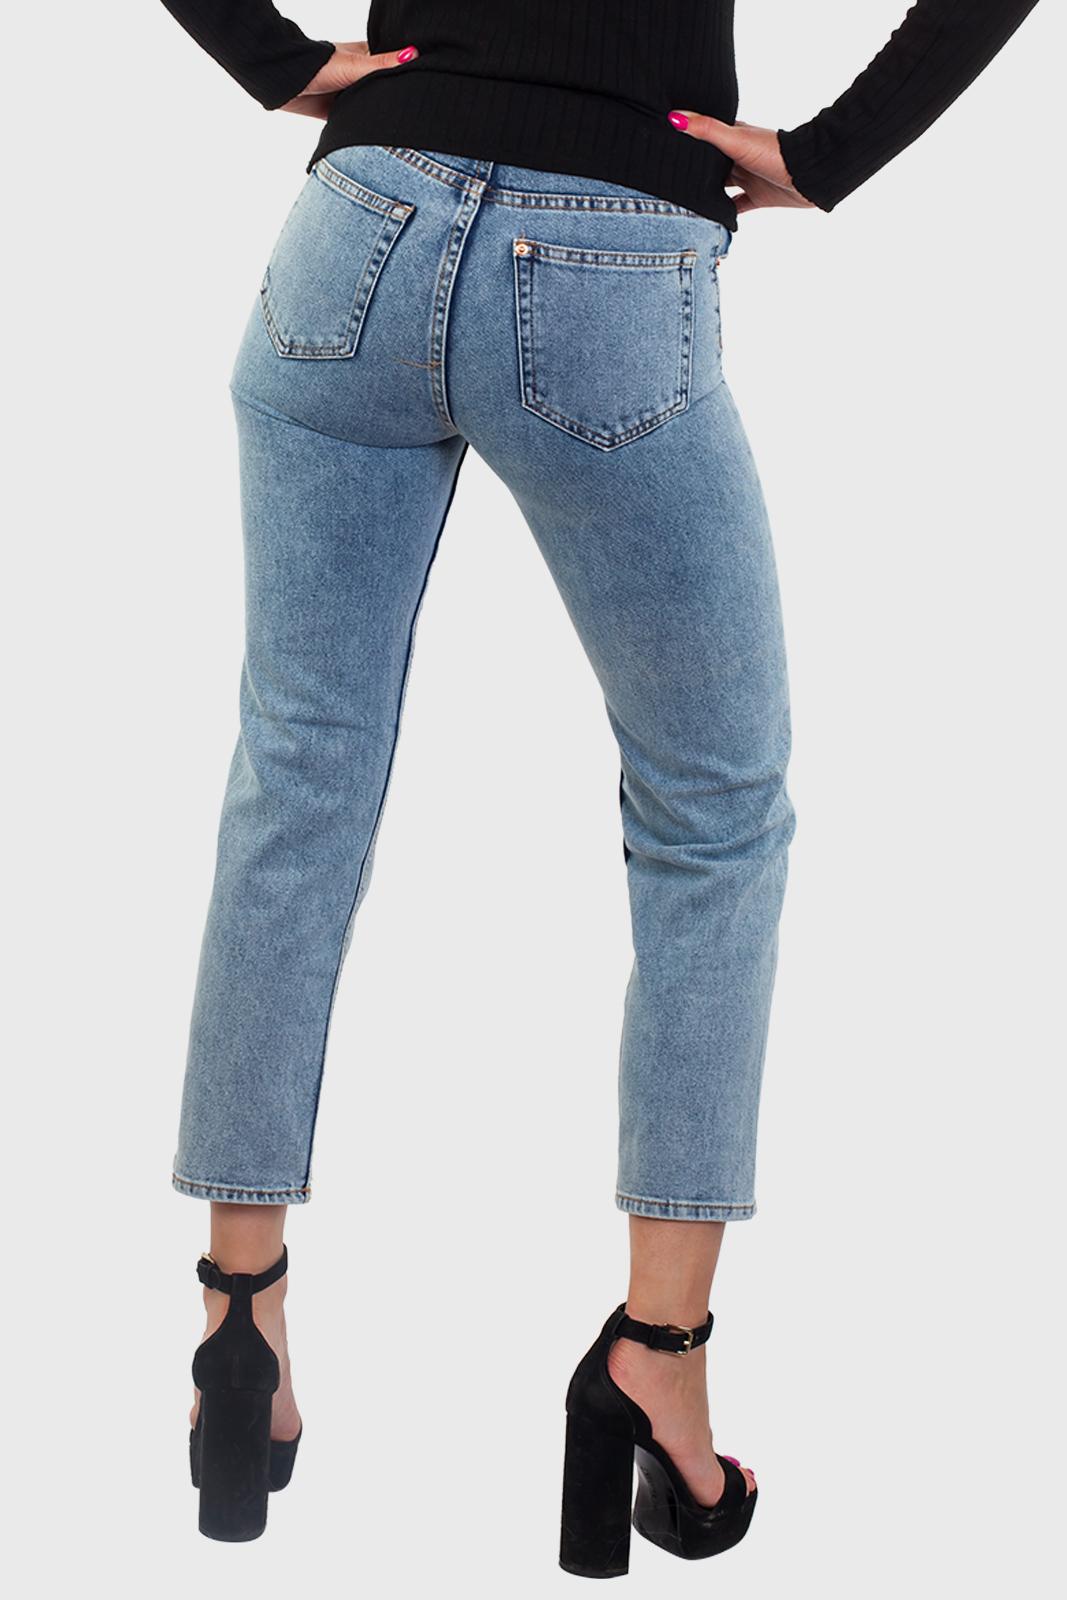 Стильные женские джинсы оптом